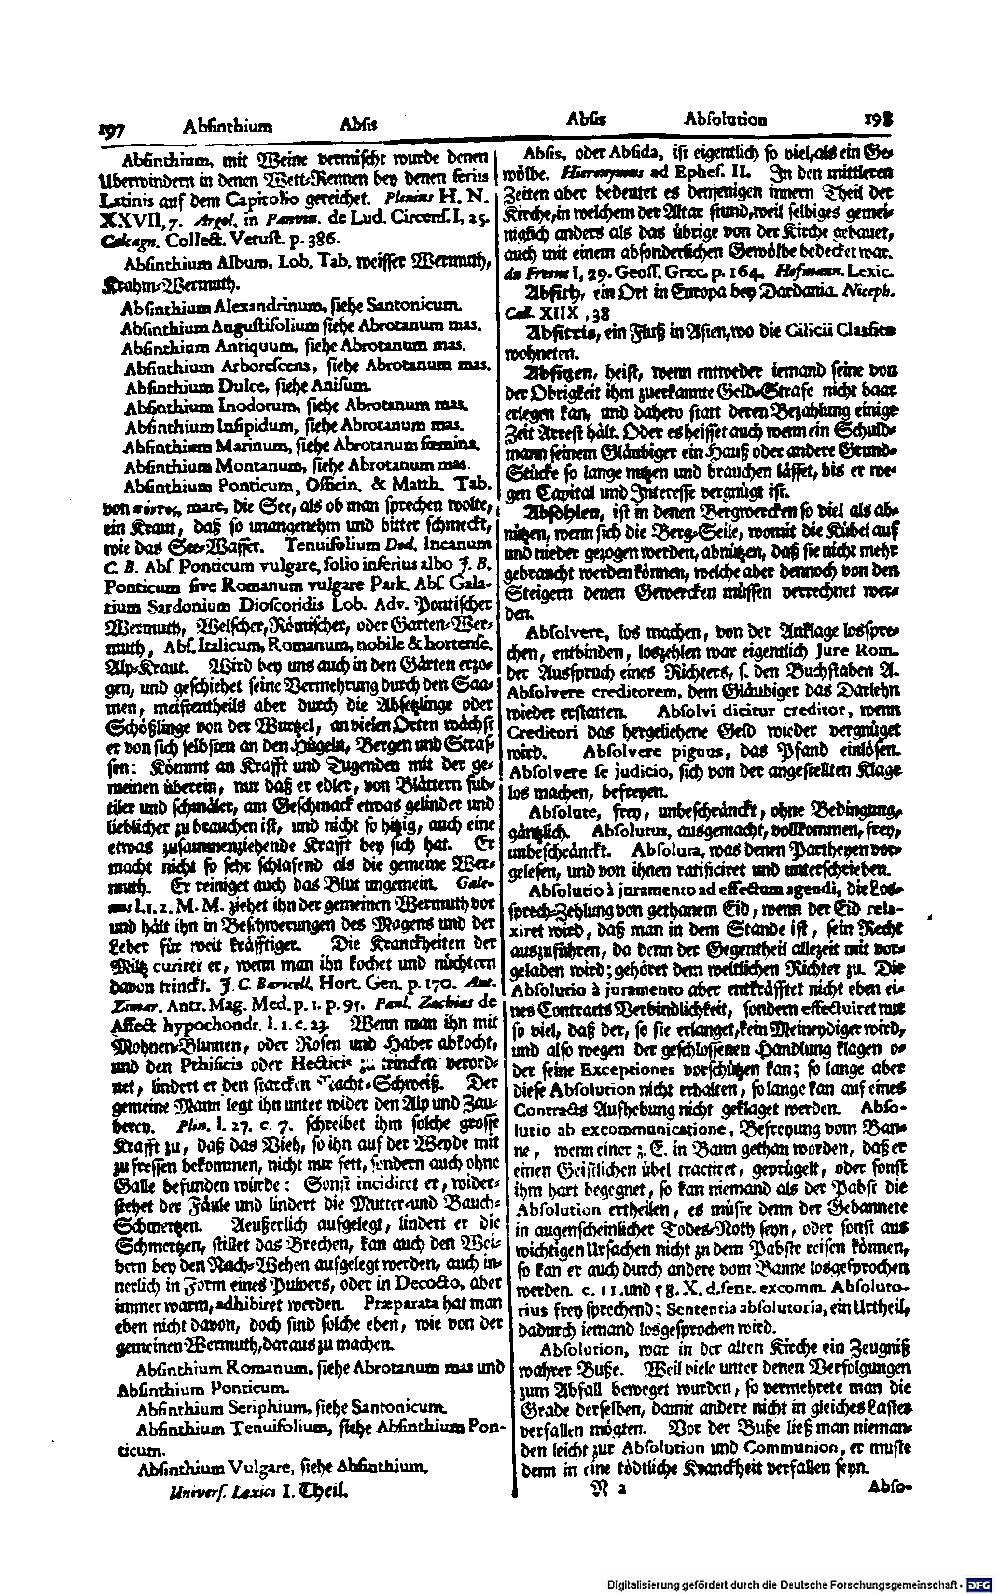 Bd. 01, Seite 0138.